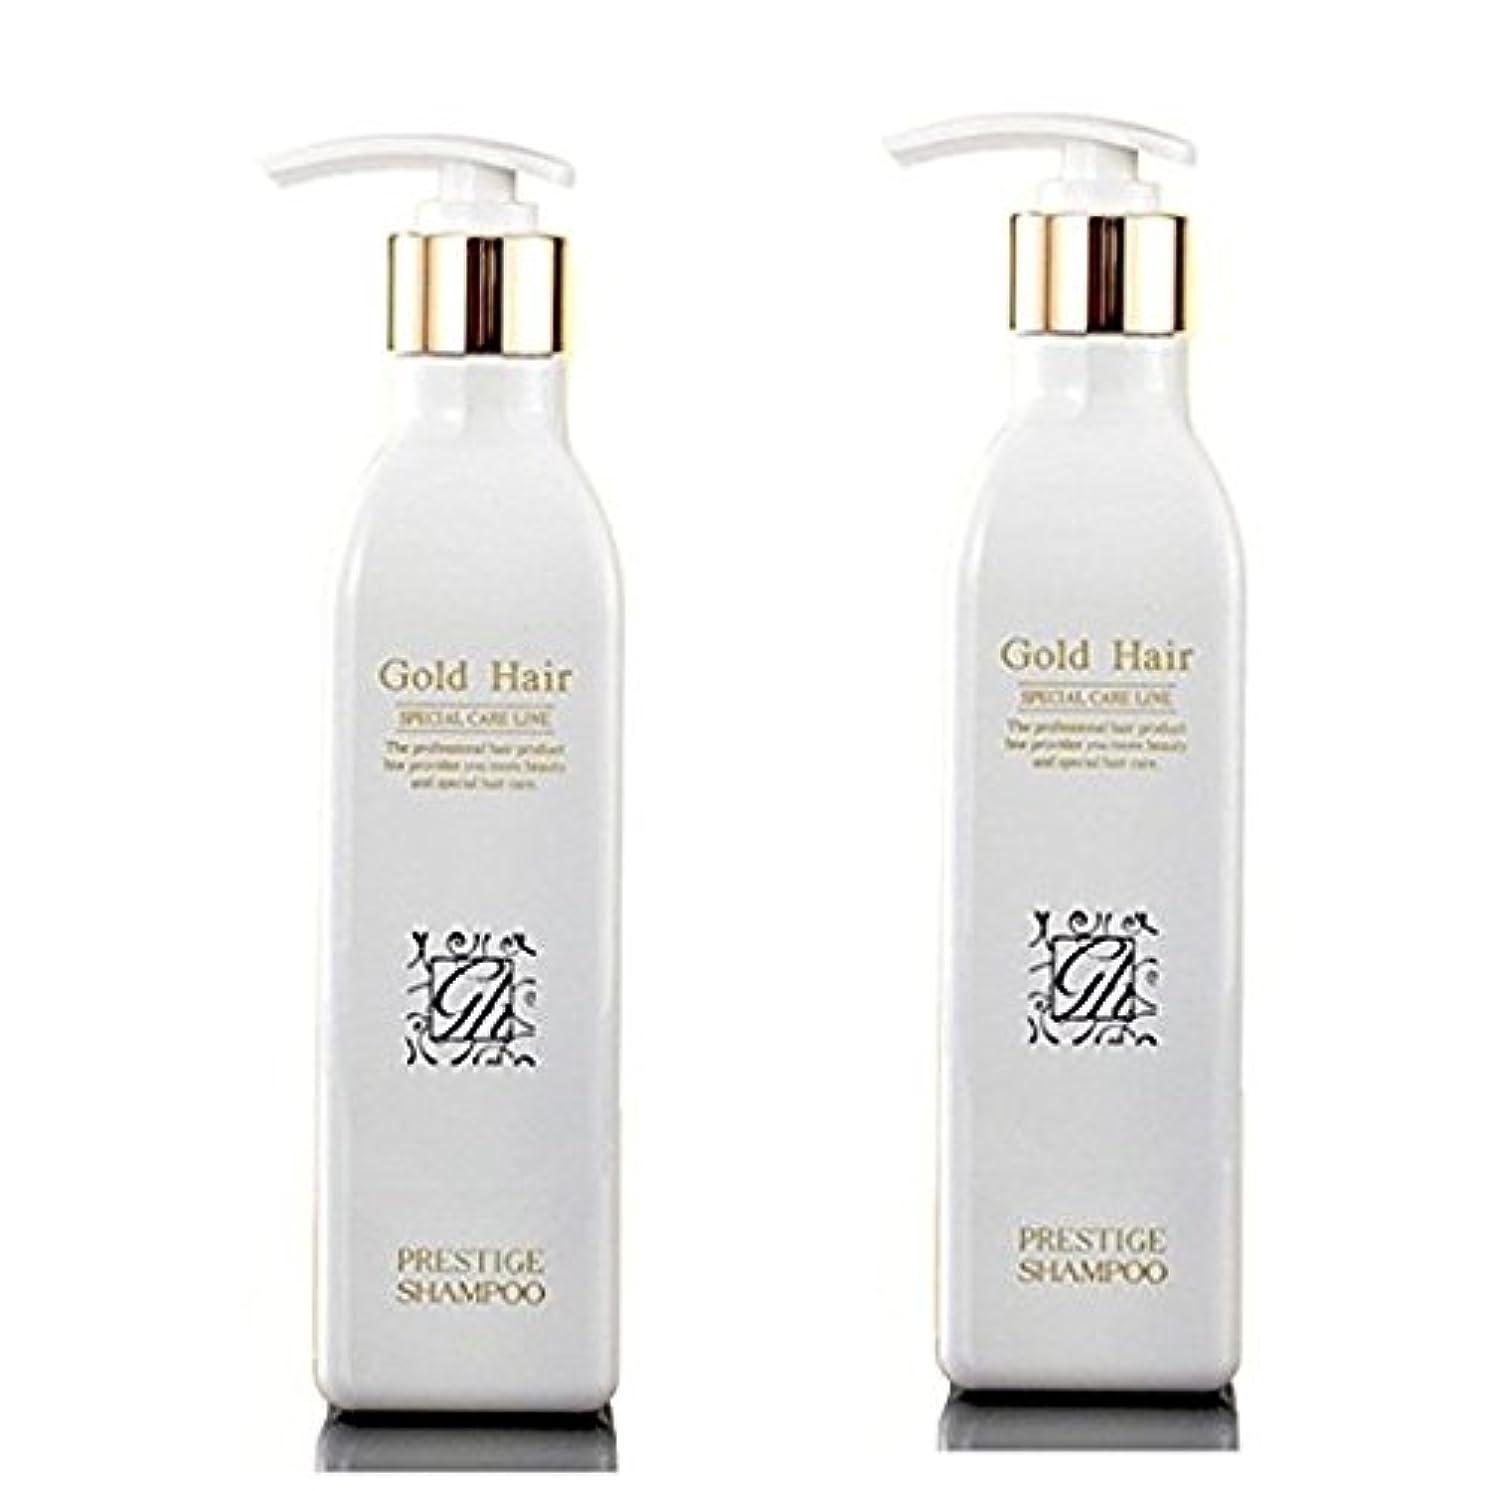 交通爆弾クラックポットゴールドヘア 育毛ケア シャンプー 漢方 シャンプー 抜け毛ケア ヘアケアシャンプー2本/Herbal Hair Loss Fast Regrowth Gold Hair Loss Shampoo[海外直送品] (2本セット...